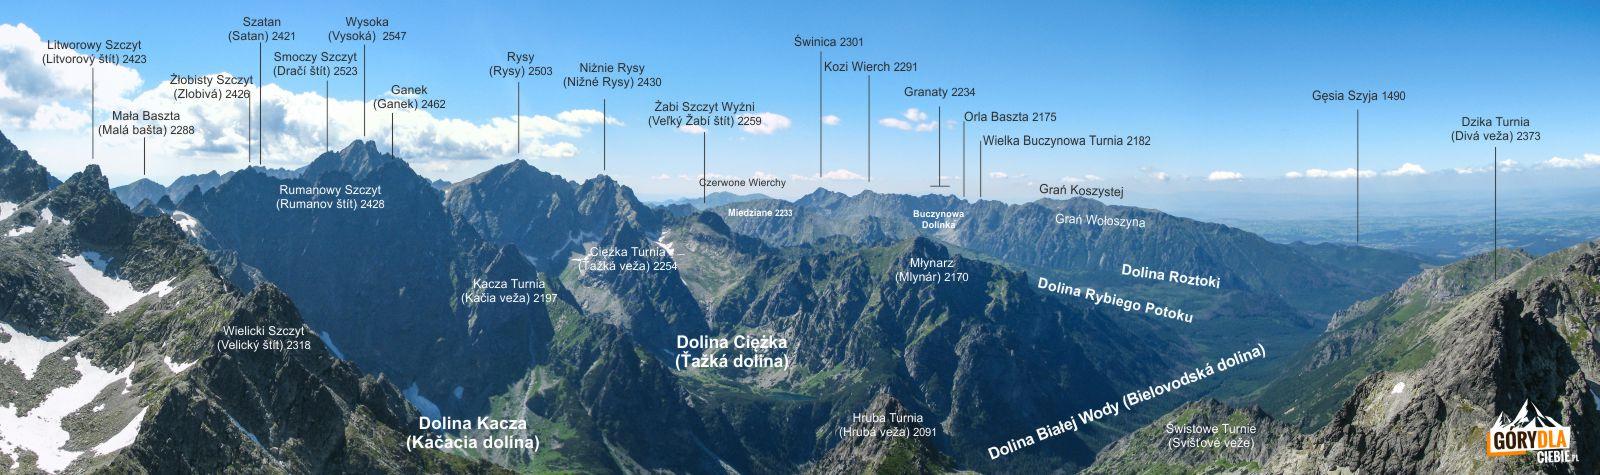 Mała Wysoka - panorama wkierunku zachodnim